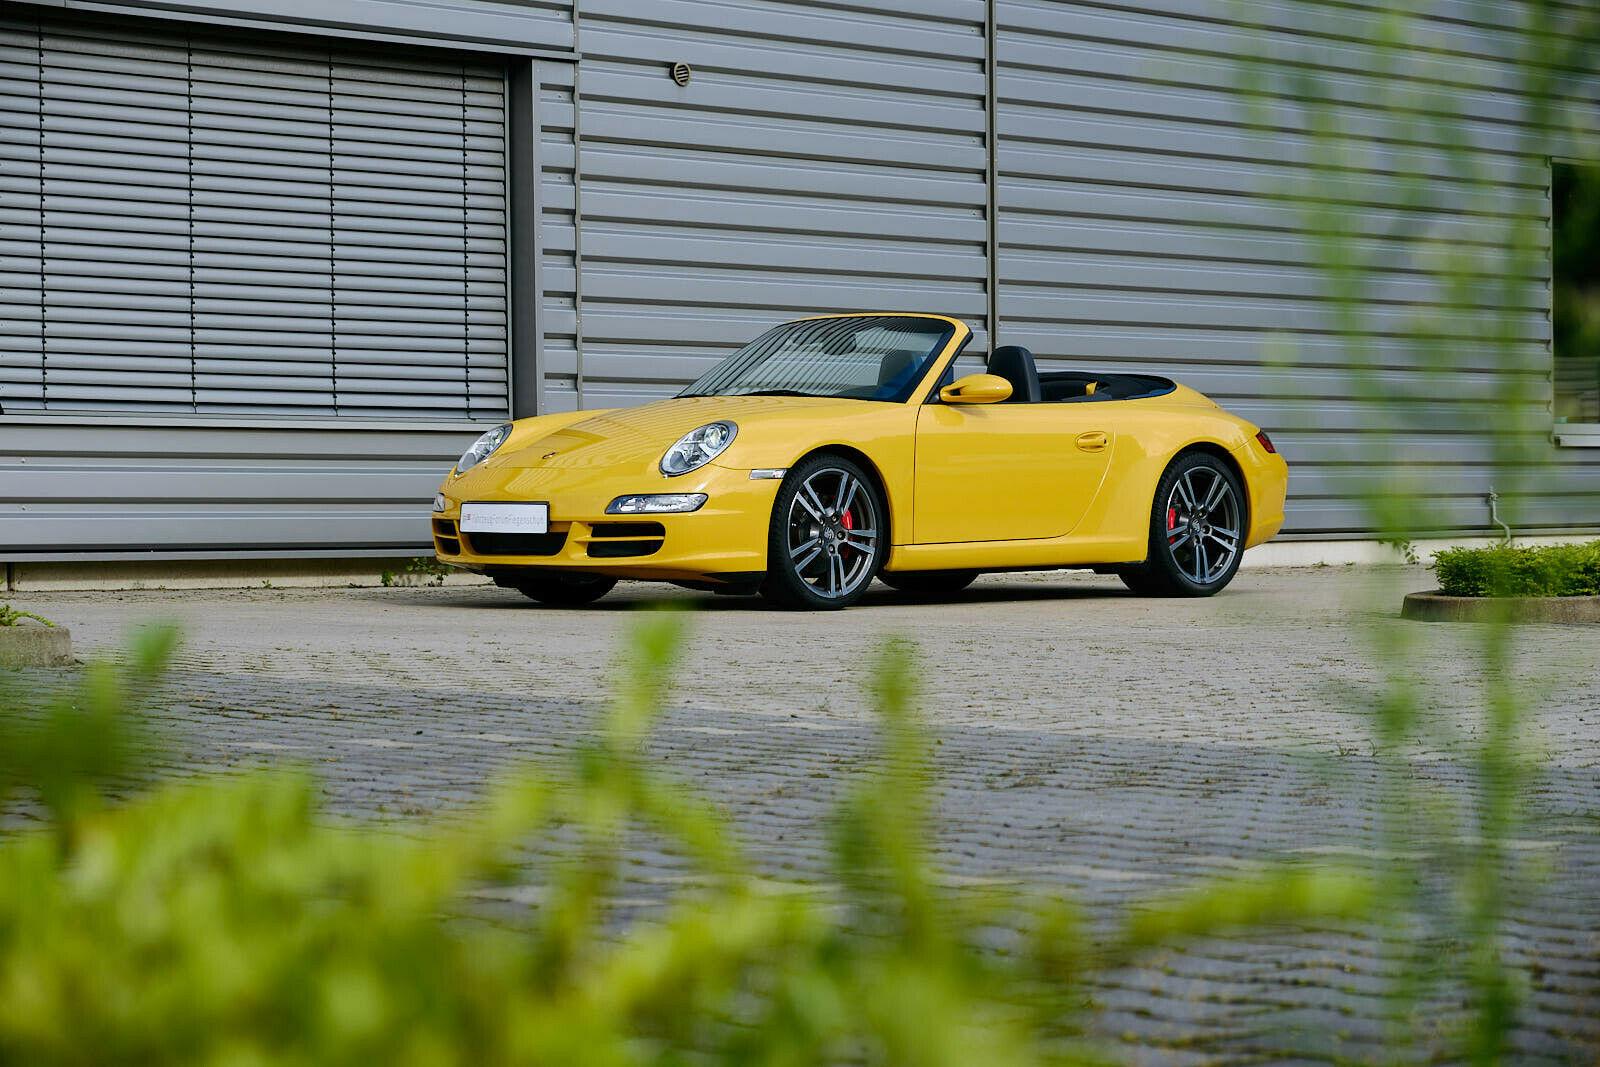 2005 Porsche (911) 997 kaufen gebraucht Baujahr 2005